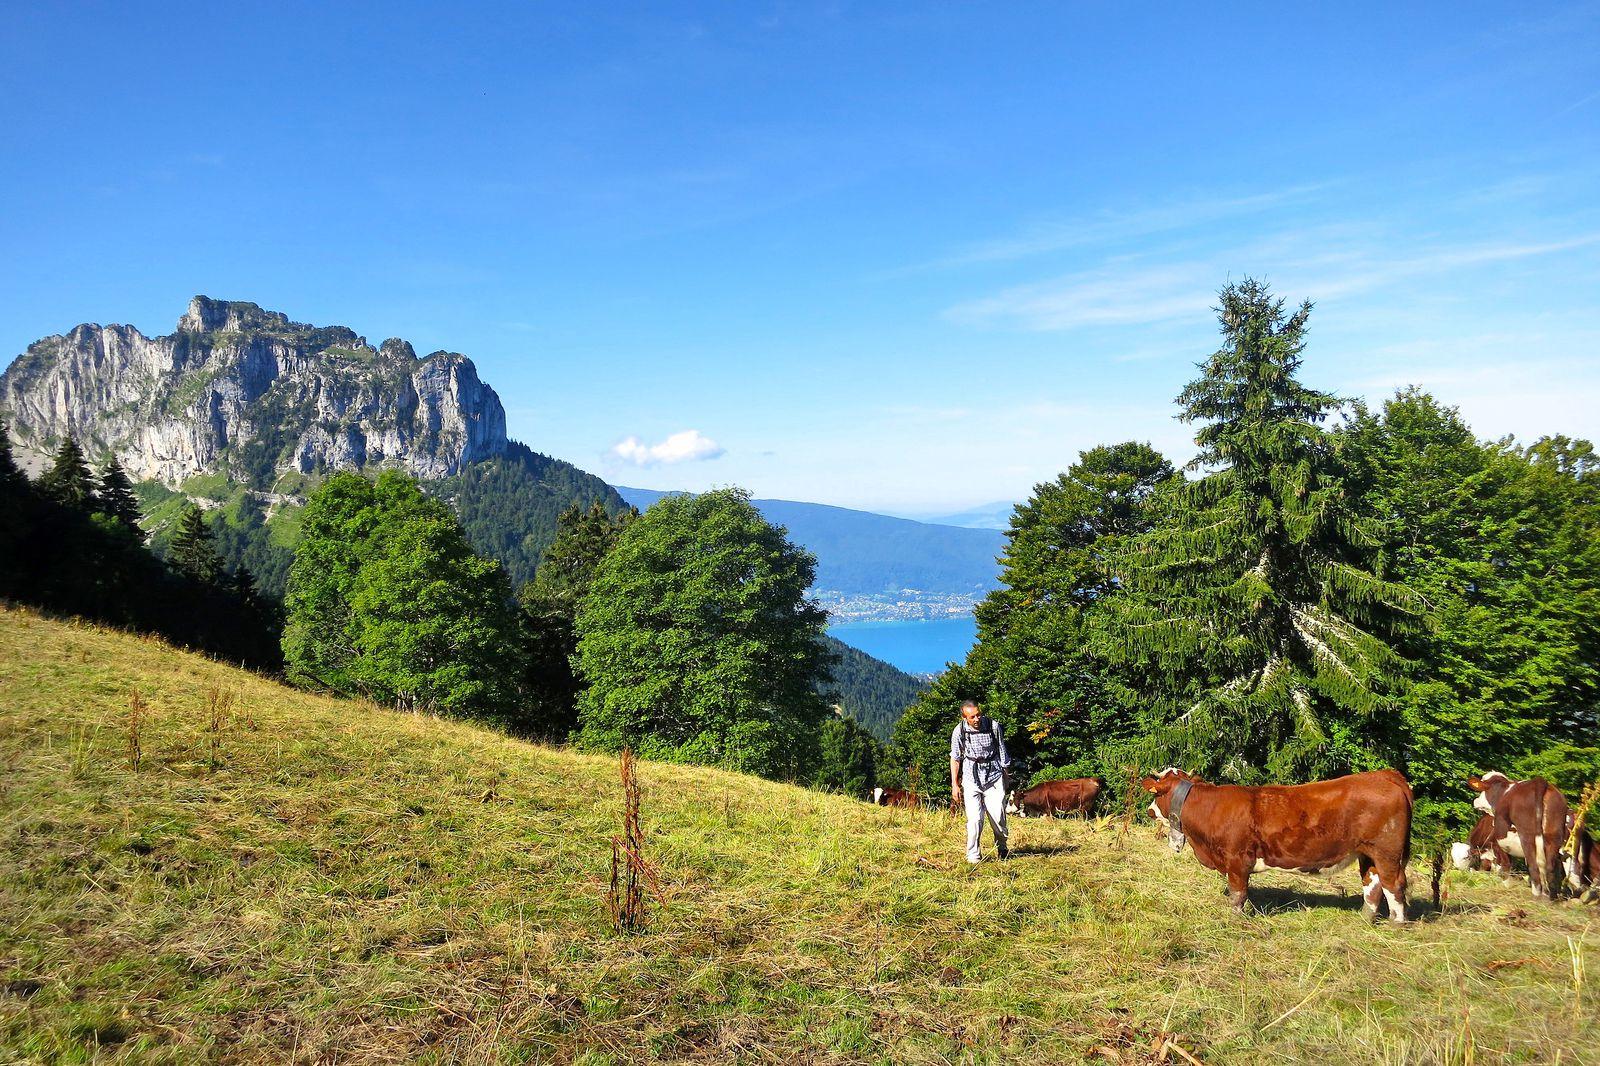 À la Rochette-Dessus, le lac d'Annecy apparaît timidement.